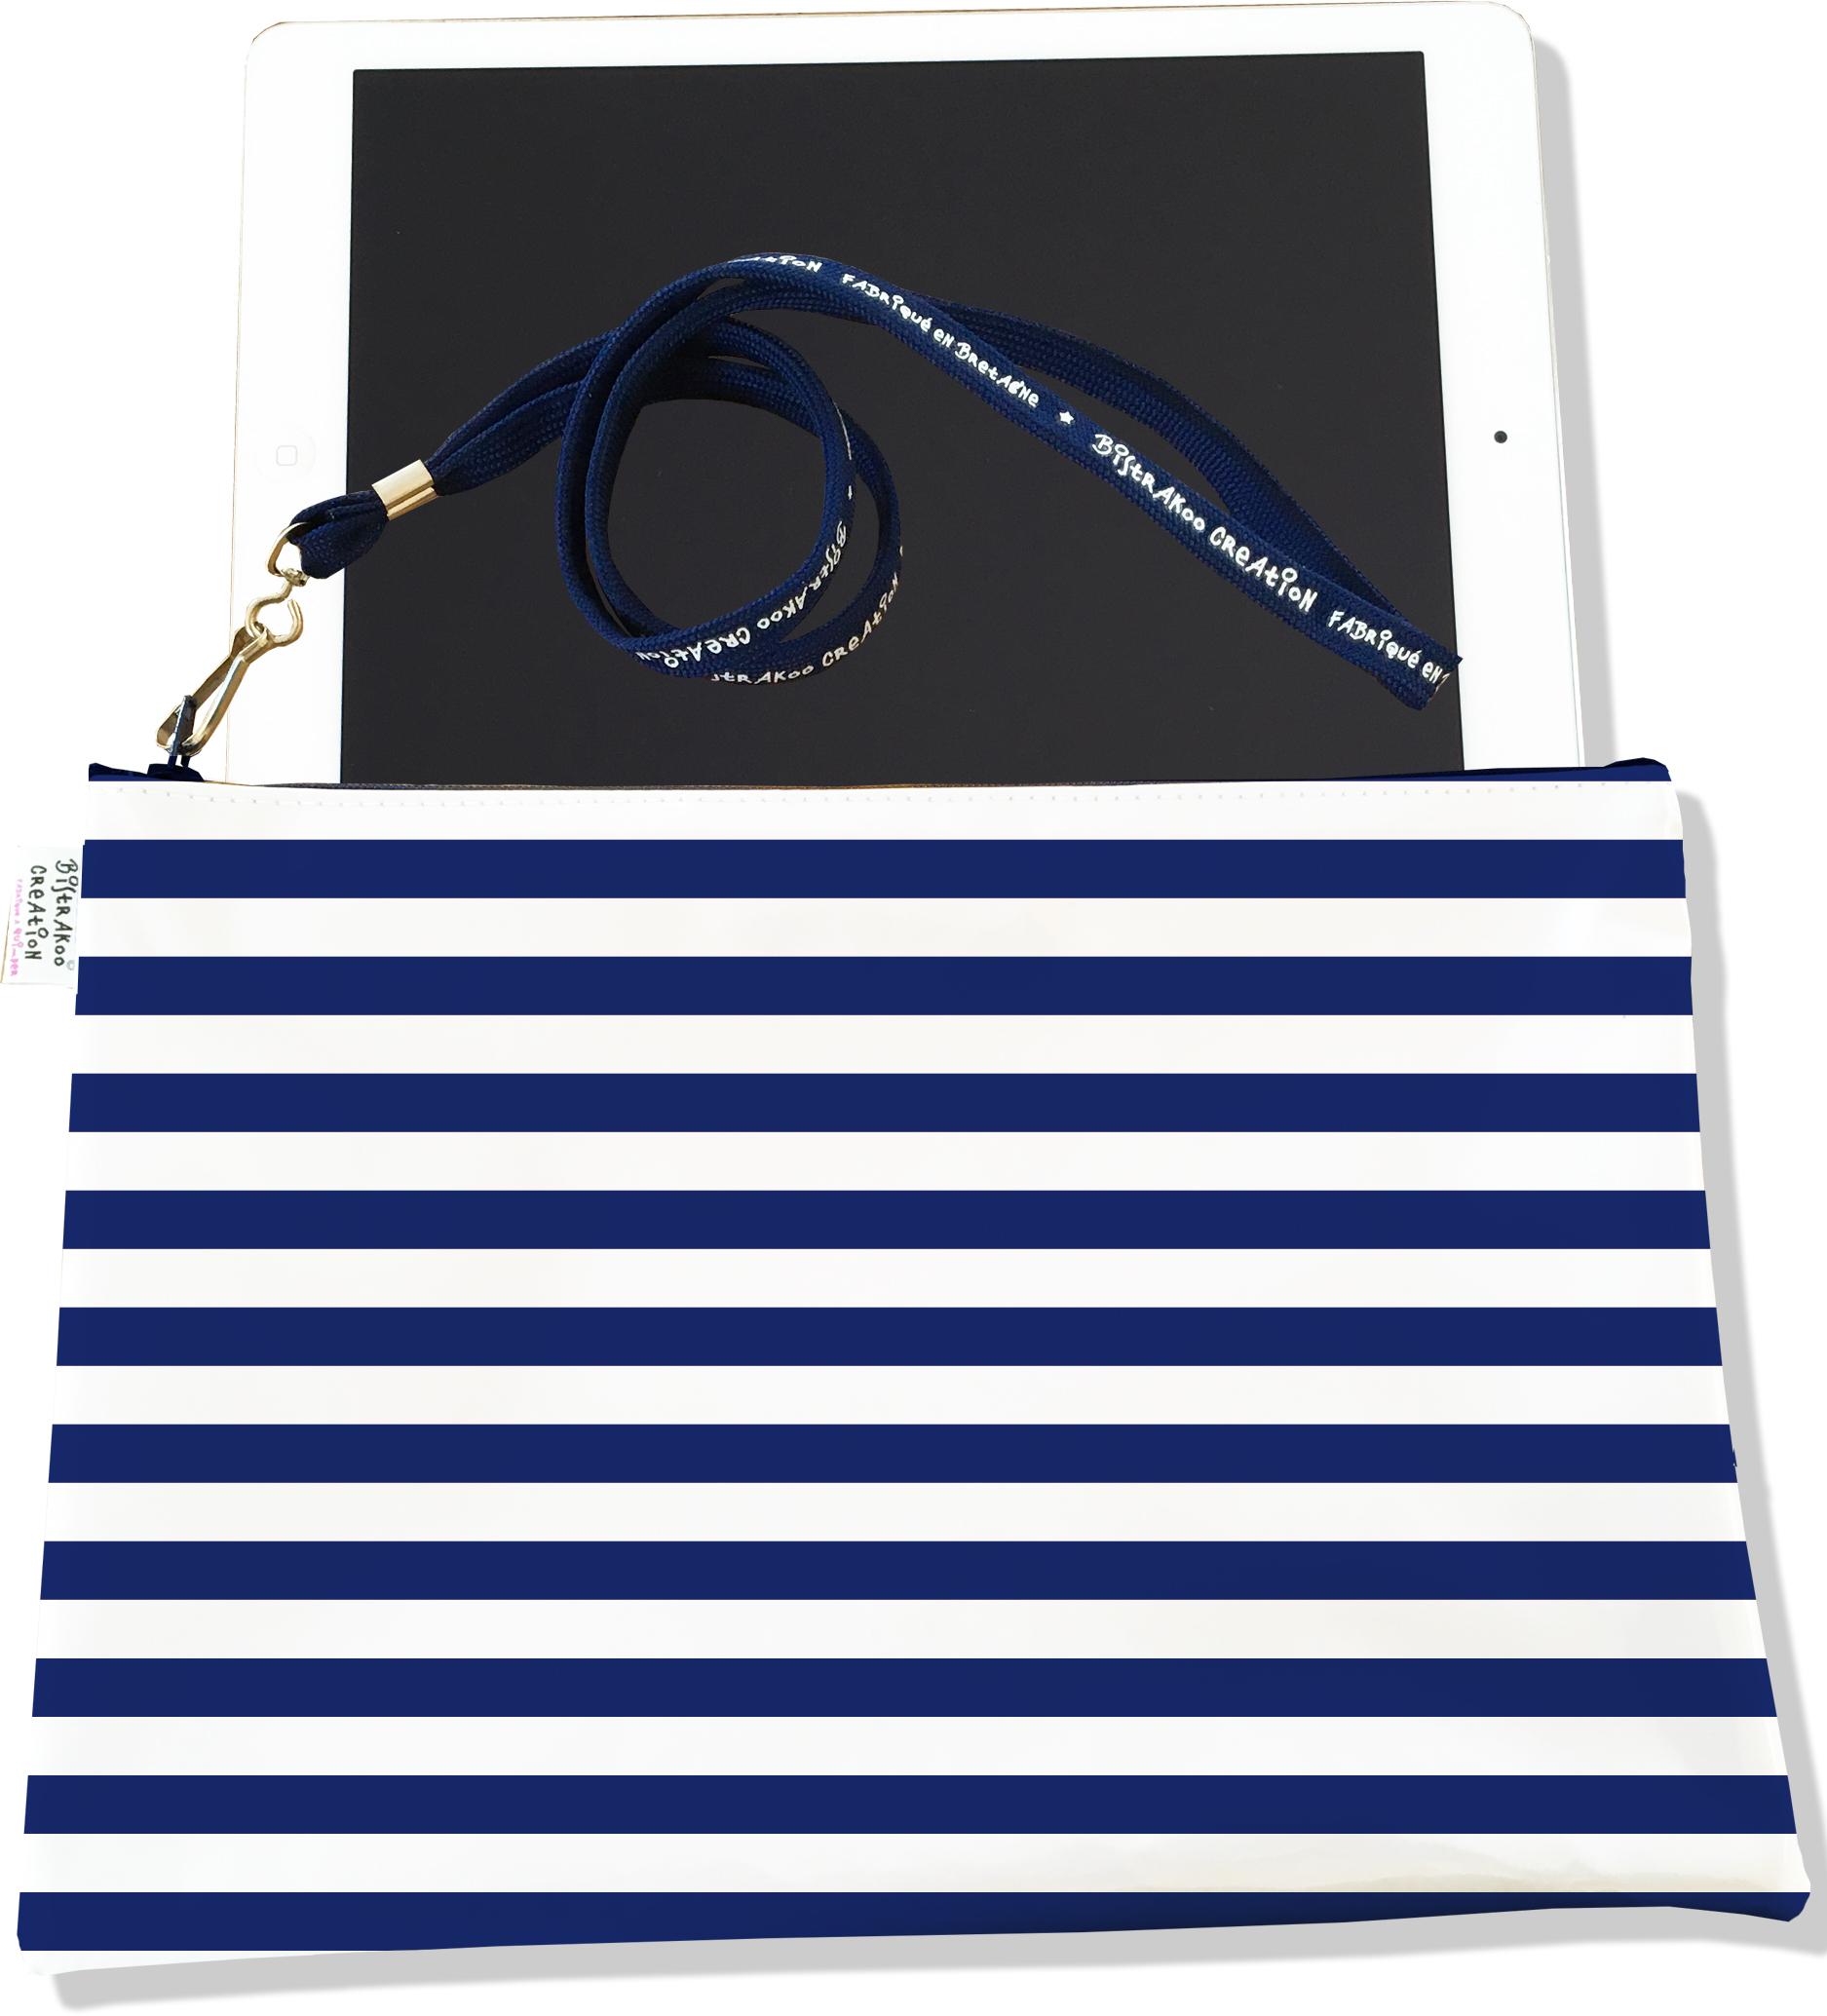 Housse pour tablette pour femme motif Marinière bleu marine 2377-2016